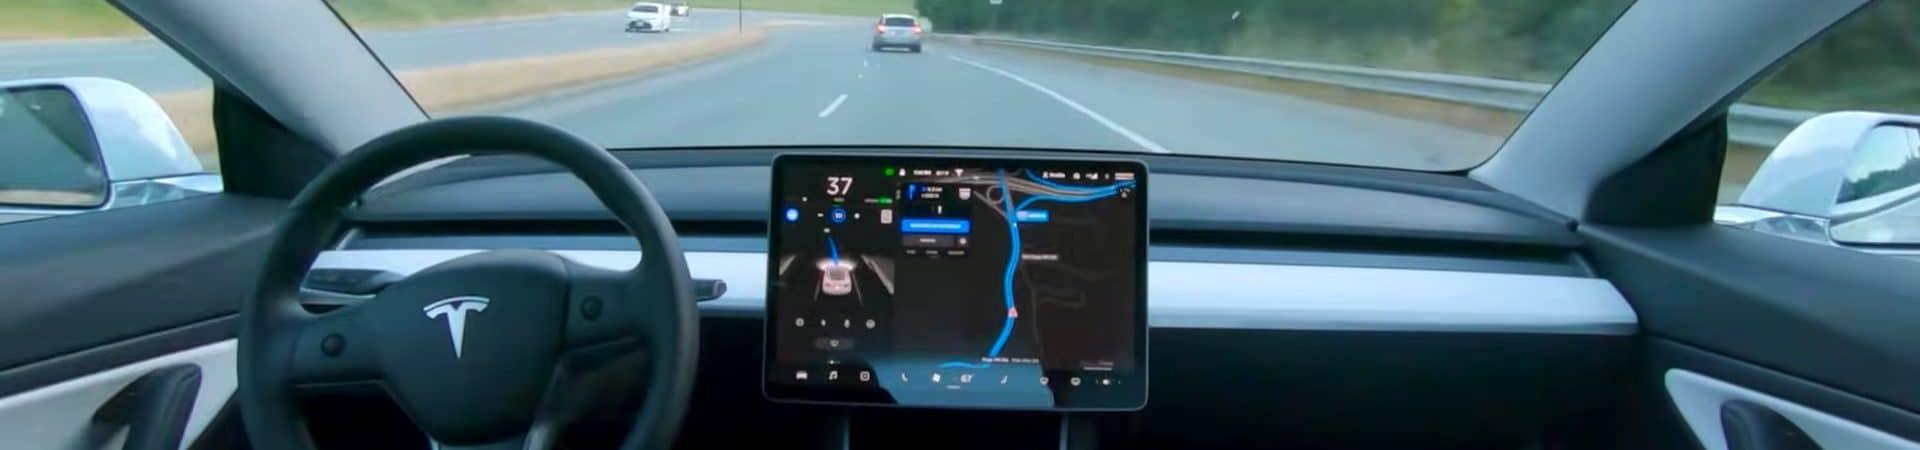 Direção autônoma da Tesla